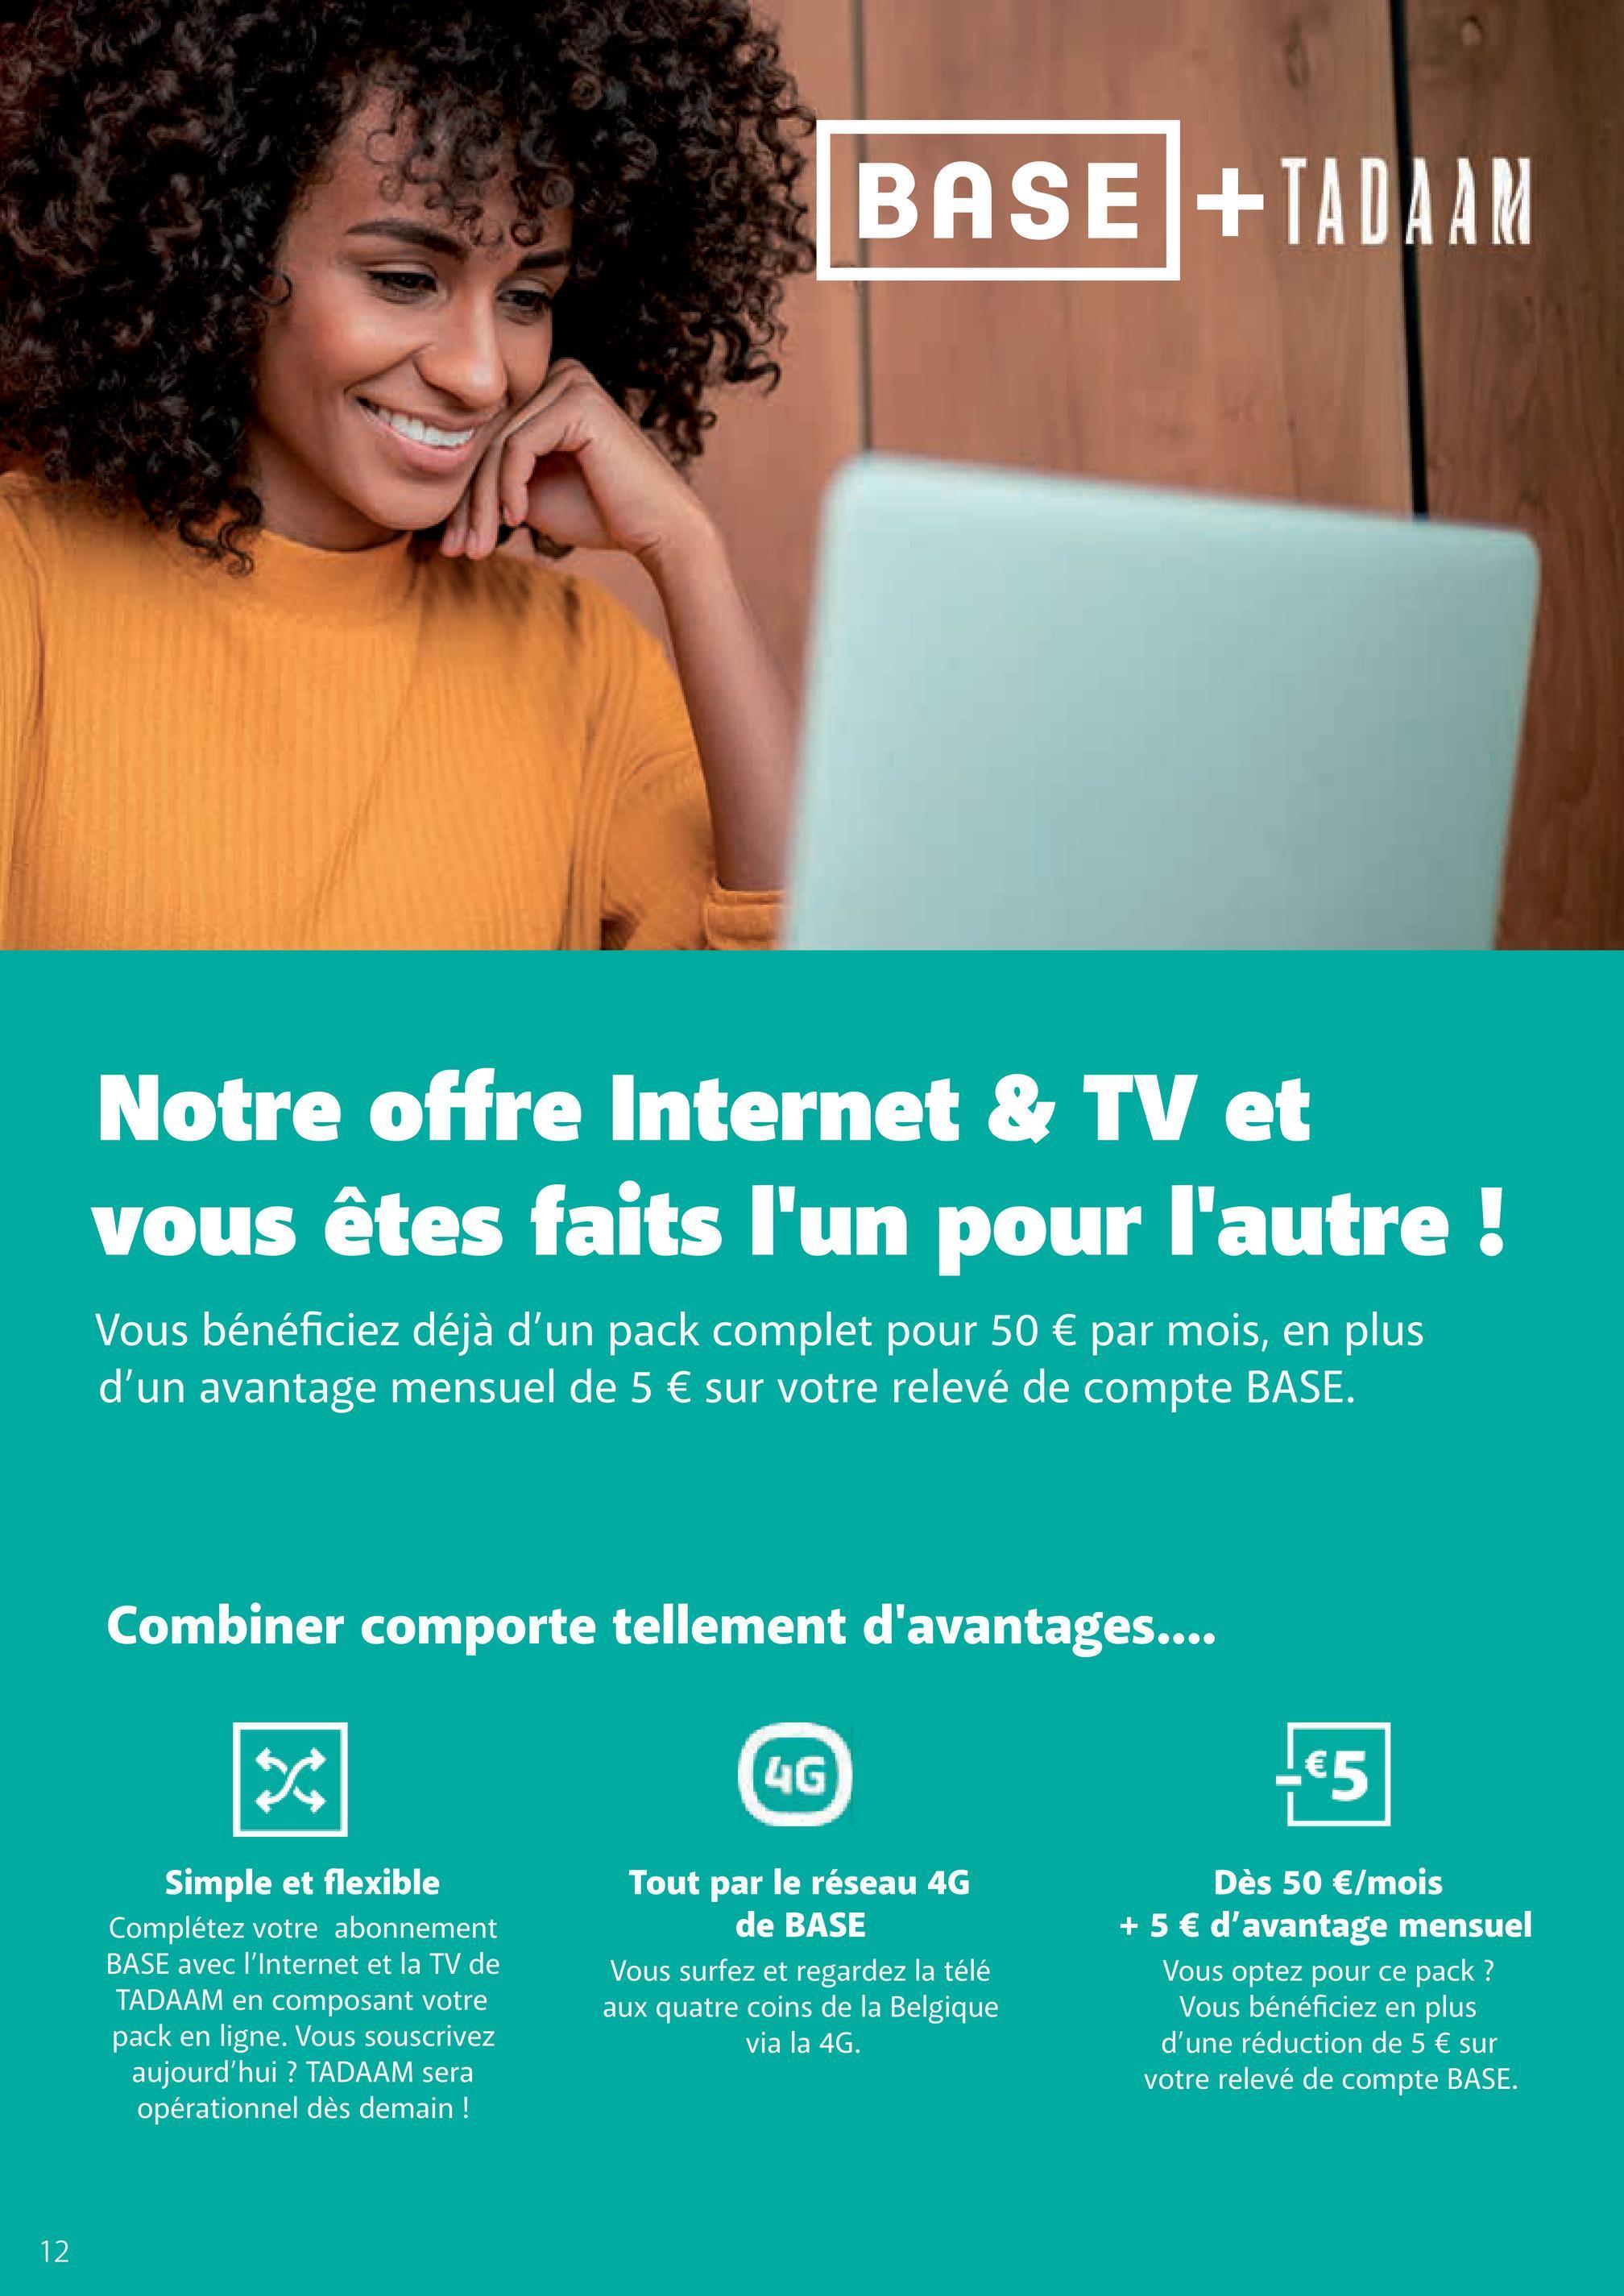 BASE +IADAAM Notre offre Internet & TV et vous êtes faits l'un pour l'autre ! Vous bénéficiez déjà d'un pack complet pour 50 € par mois, en plus d'un avantage mensuel de 5 € sur votre relevé de compte BASE. Combiner comporte tellement d'avantages.... 次 4G €5 Simple et flexible Complétez votre abonnement BASE avec l'Internet et la TV de TADAAM en composant votre pack en ligne. Vous souscrivez aujourd'hui ? TADAAM sera opérationnel dès demain ! Tout par le réseau 4G de BASE Vous surfez et regardez la télé aux quatre coins de la Belgique via la 4G. Dès 50 €/mois + 5 € d'avantage mensuel Vous optez pour ce pack? Vous bénéficiez en plus d'une réduction de 5 € sur votre relevé de compte BASE. 12